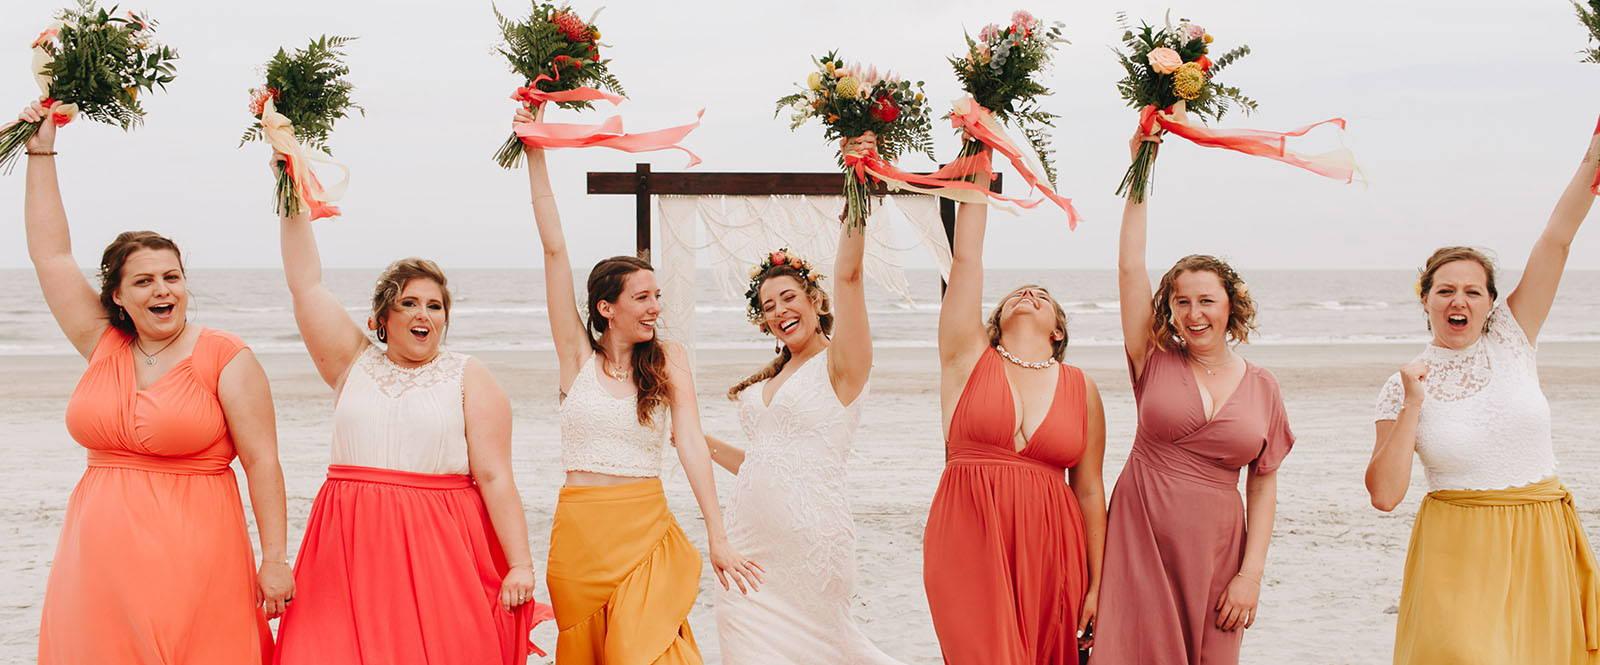 diy flowers for weddings